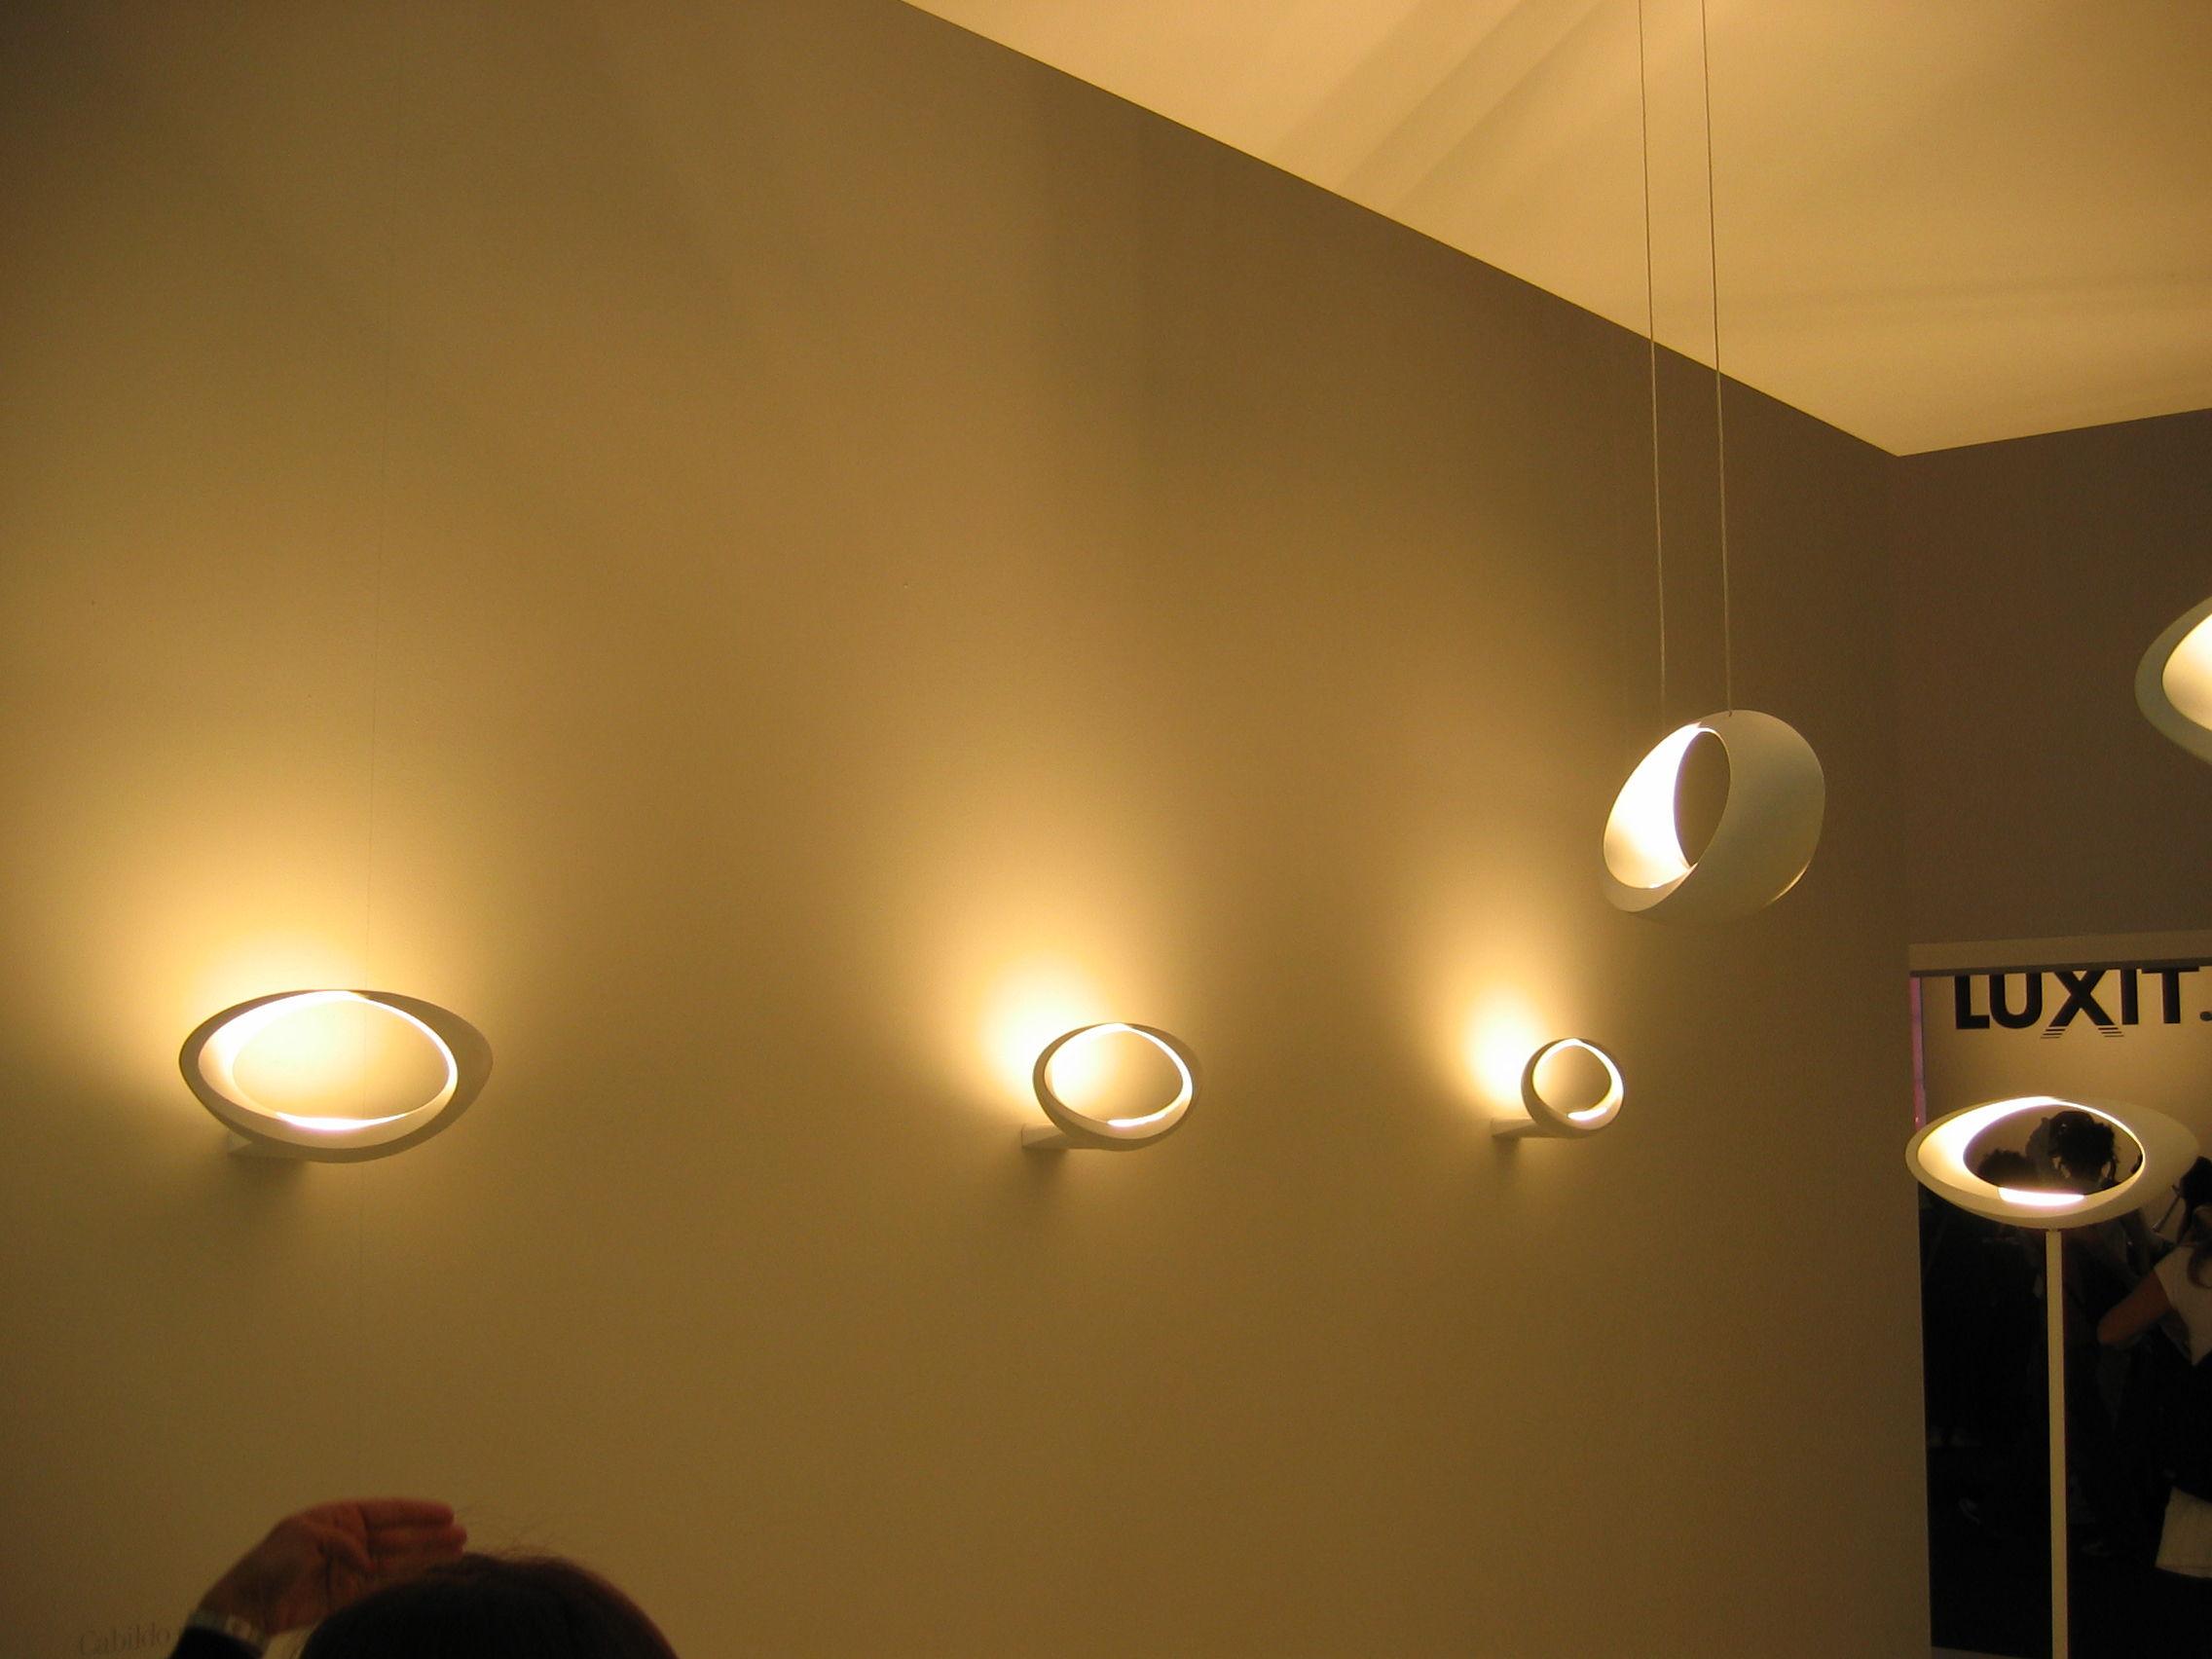 Lampade per camera da letto artemide: articolo lampadari artemide